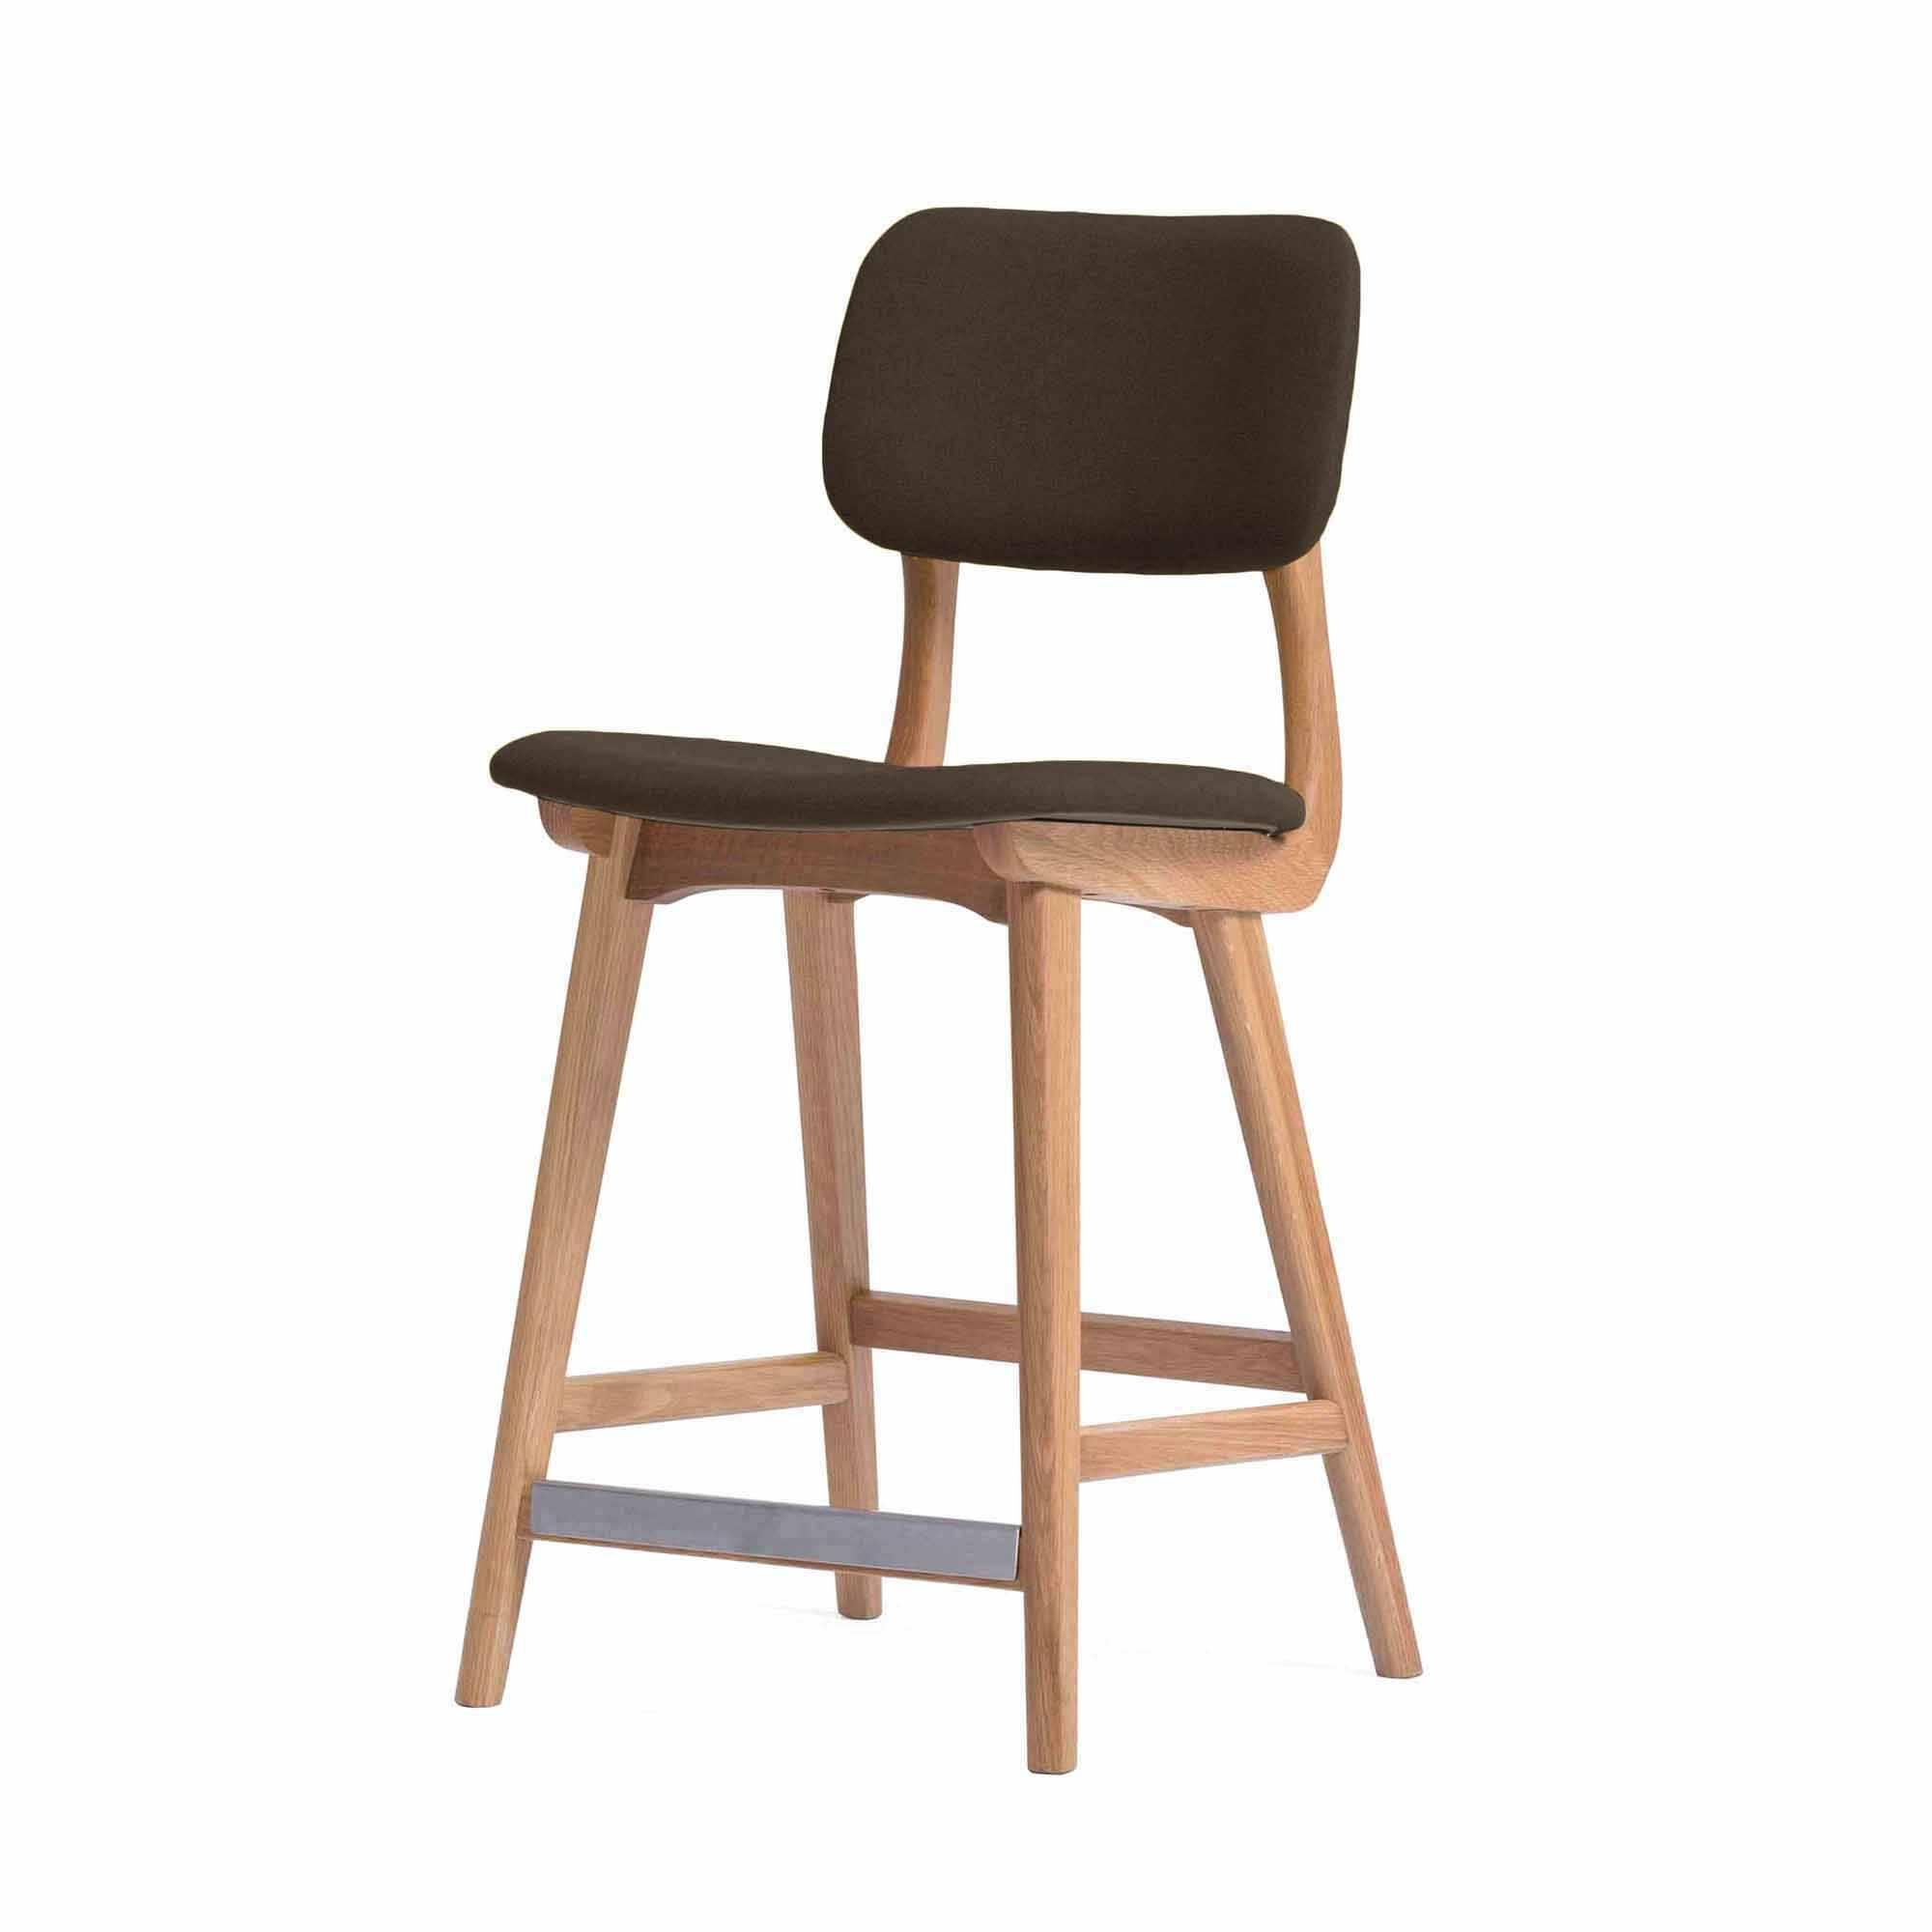 Барный стул Civil 3Полубарные<br>Простой дизайн и комфорт, стиль и изящество элитного дерева — все это сочетается в представленном здесь барном стуле Civil 3. Этот стул будет прекрасно смотреться не только в офисе или кабинете, но также подойдет и в квартиру. Благодаря двум вариантам обивки, имеющимся в наличии, вы сможете подобрать стул, который подойдет именно вашему интерьеру.<br><br><br> В качестве основного материала для изготовления этих стульев используется высококачественная, невероятно прочная древесина американского...<br><br>stock: 0<br>Высота: 97<br>Высота сиденья: 61<br>Ширина: 45<br>Глубина: 54<br>Материал каркаса: Массив бука<br>Тип материала каркаса: Дерево<br>Цвет сидения: Черный<br>Тип материала сидения: Кожа<br>Коллекция ткани: Standart Leather<br>Цвет каркаса: Коричневый